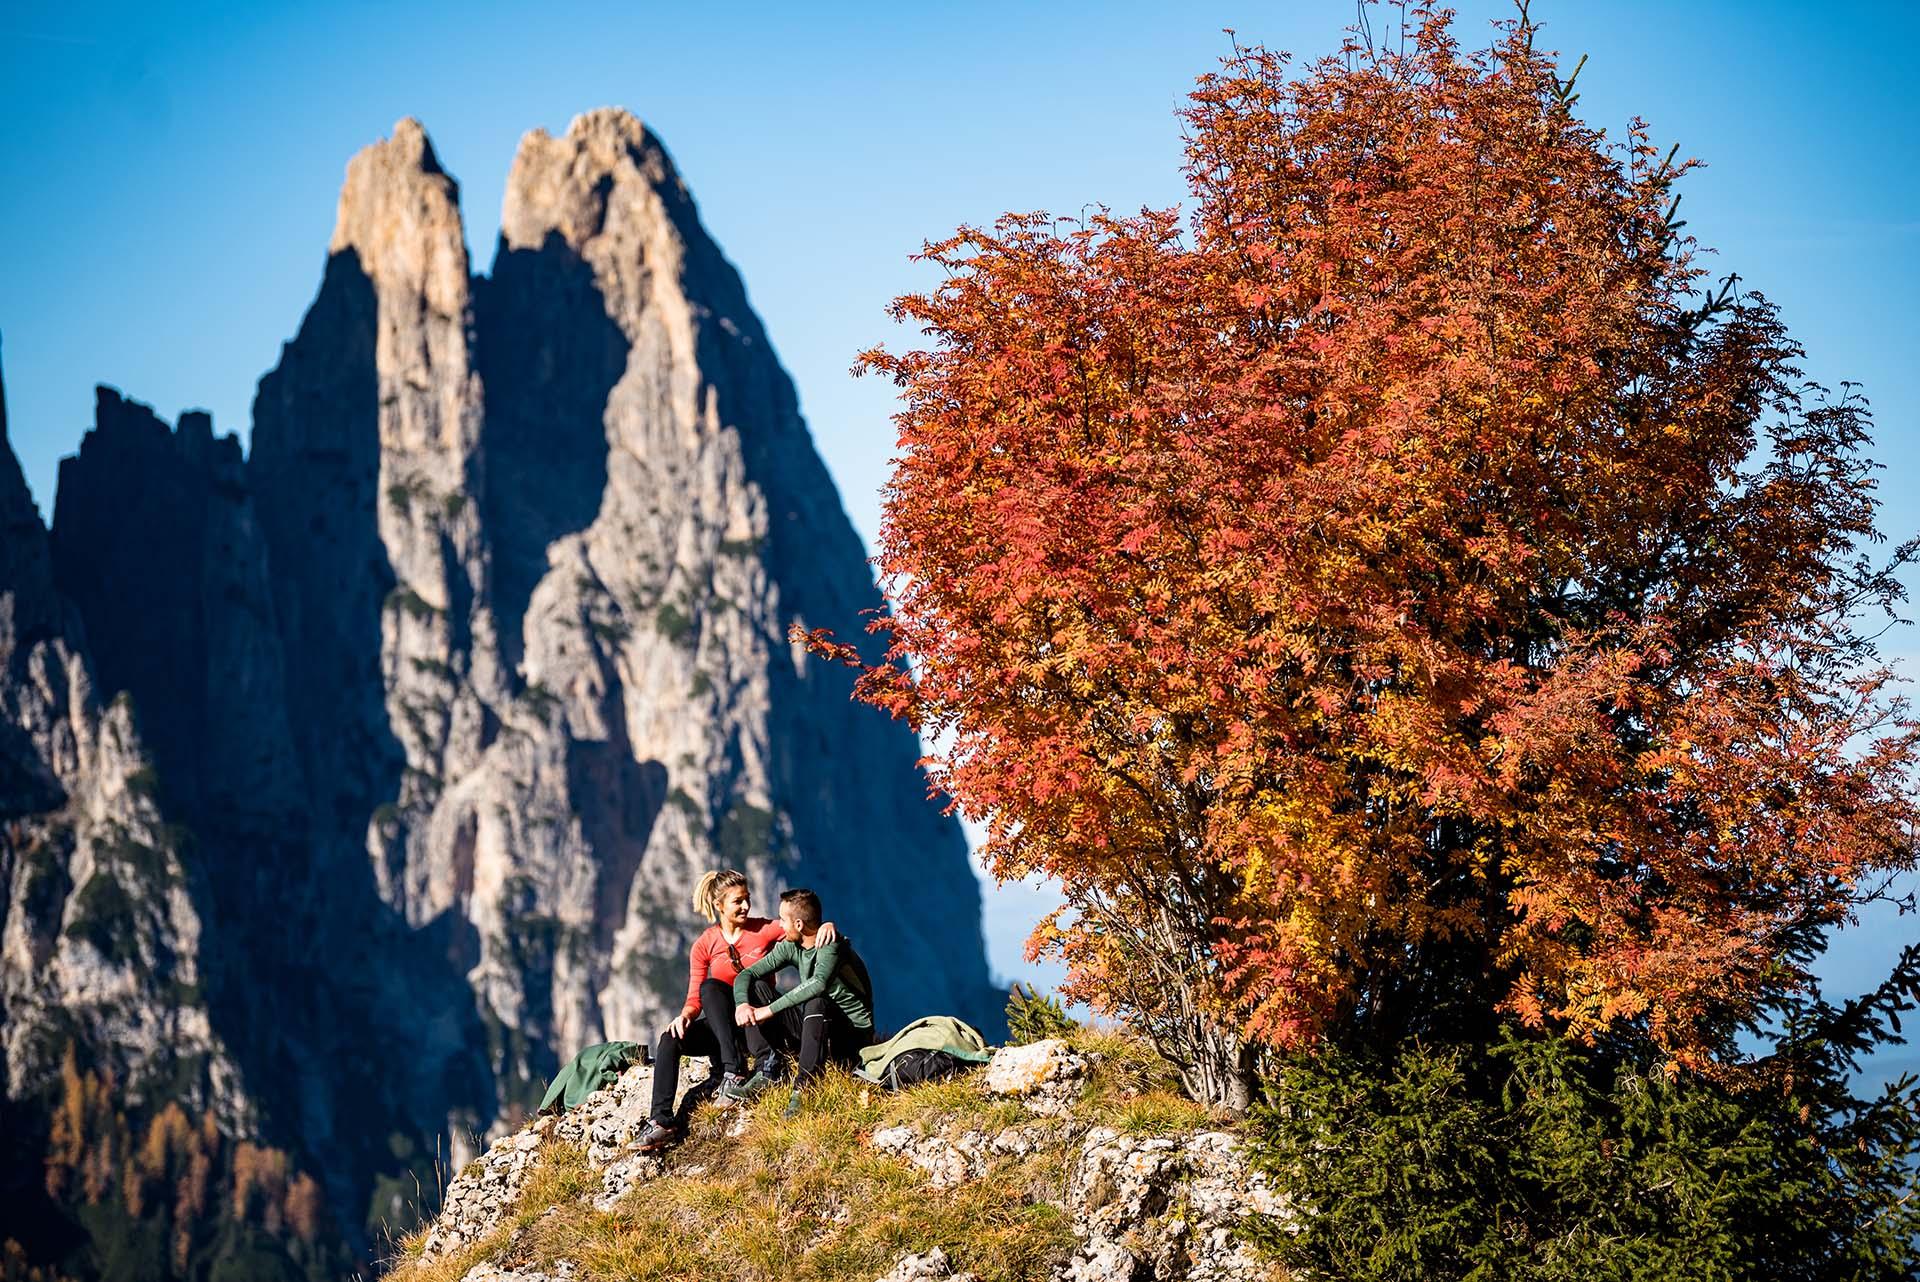 Kraft tanken in Südtirols Natur © Seiser Alm Marketing Werner Dejori